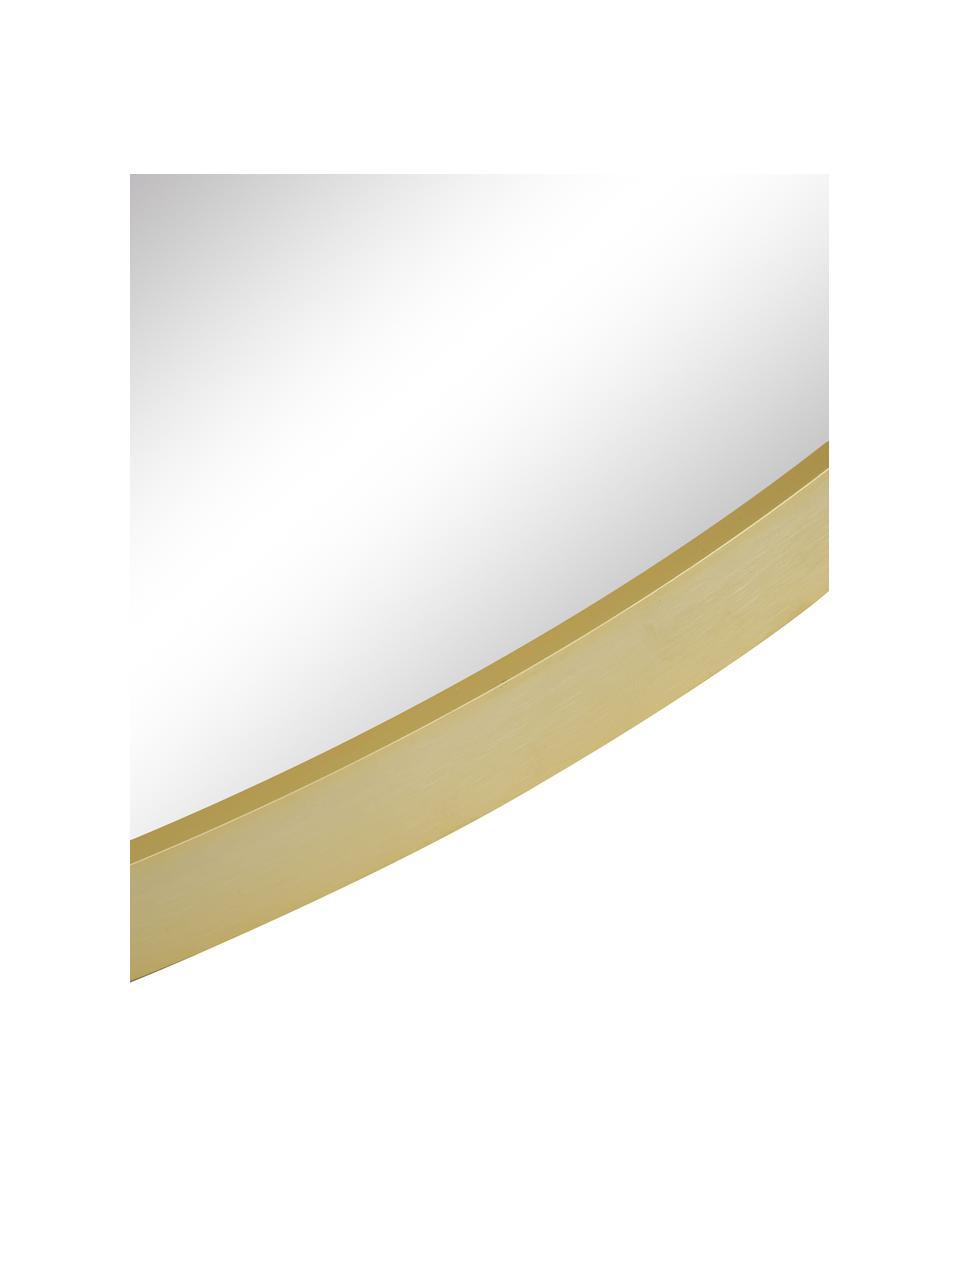 Specchio rotondo da parete con cornice dorata Ida, Cornice: alluminio rivestito, Retro: pannelli di fibra a media, Superficie dello specchio: lastra di vetro, Dorato, Ø 55 cm x Prof. 3 cm